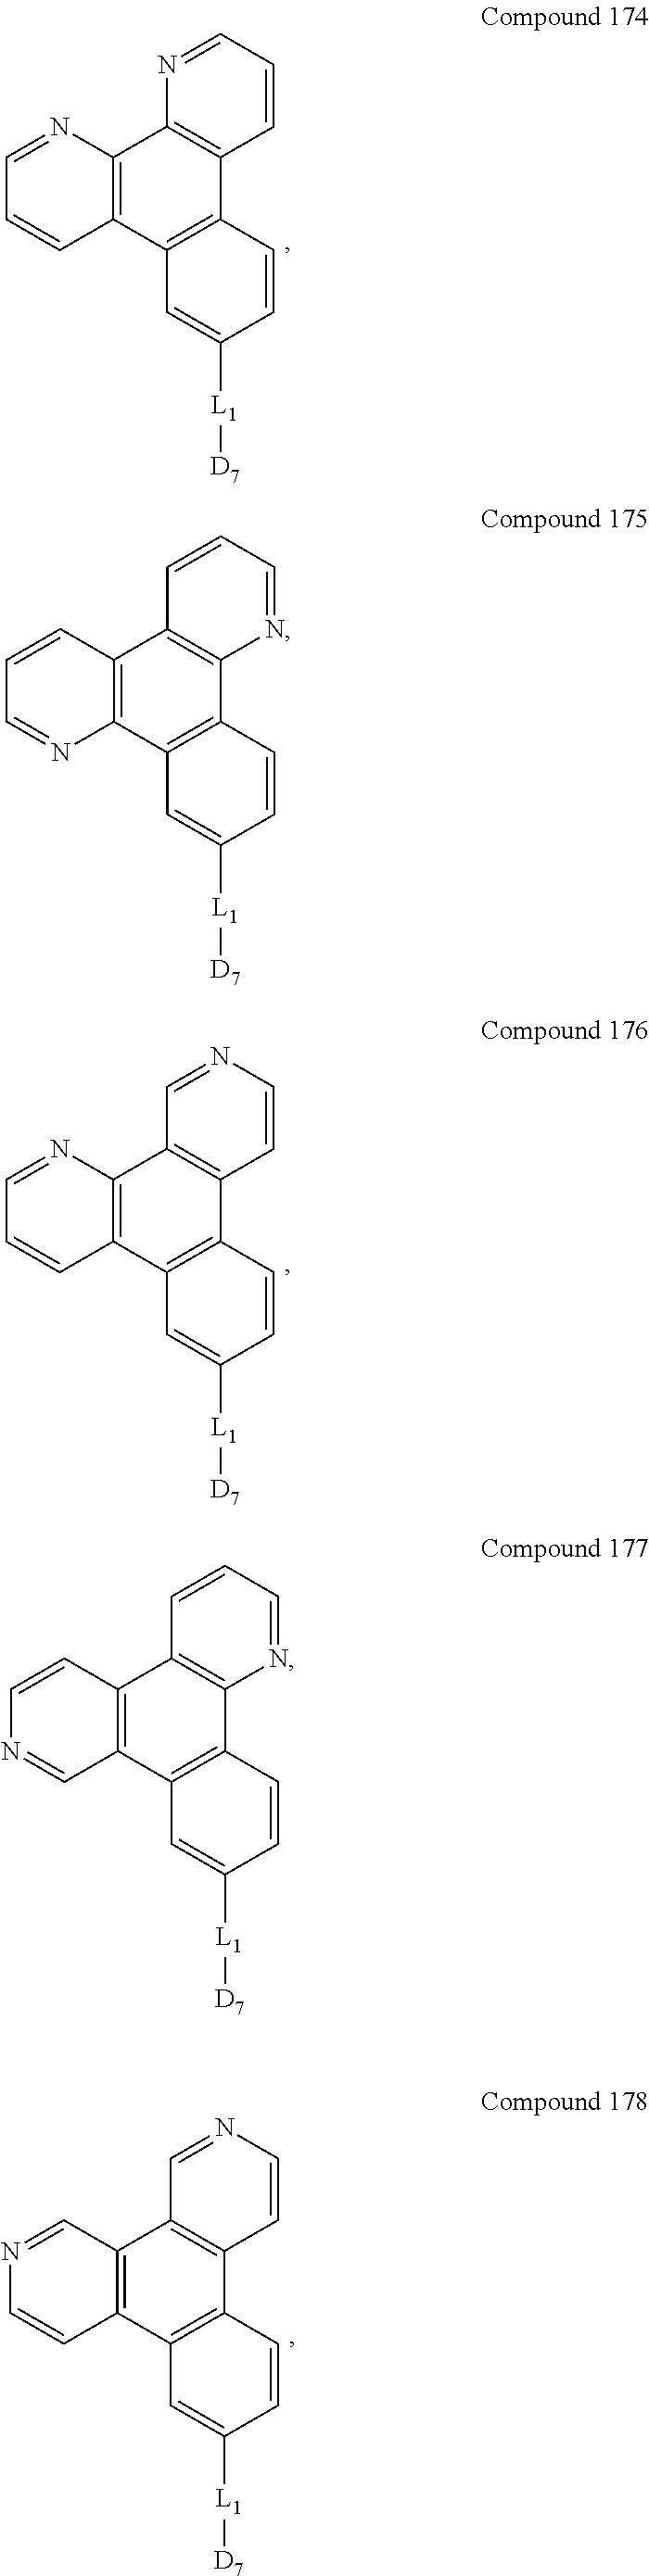 Figure US09537106-20170103-C00079